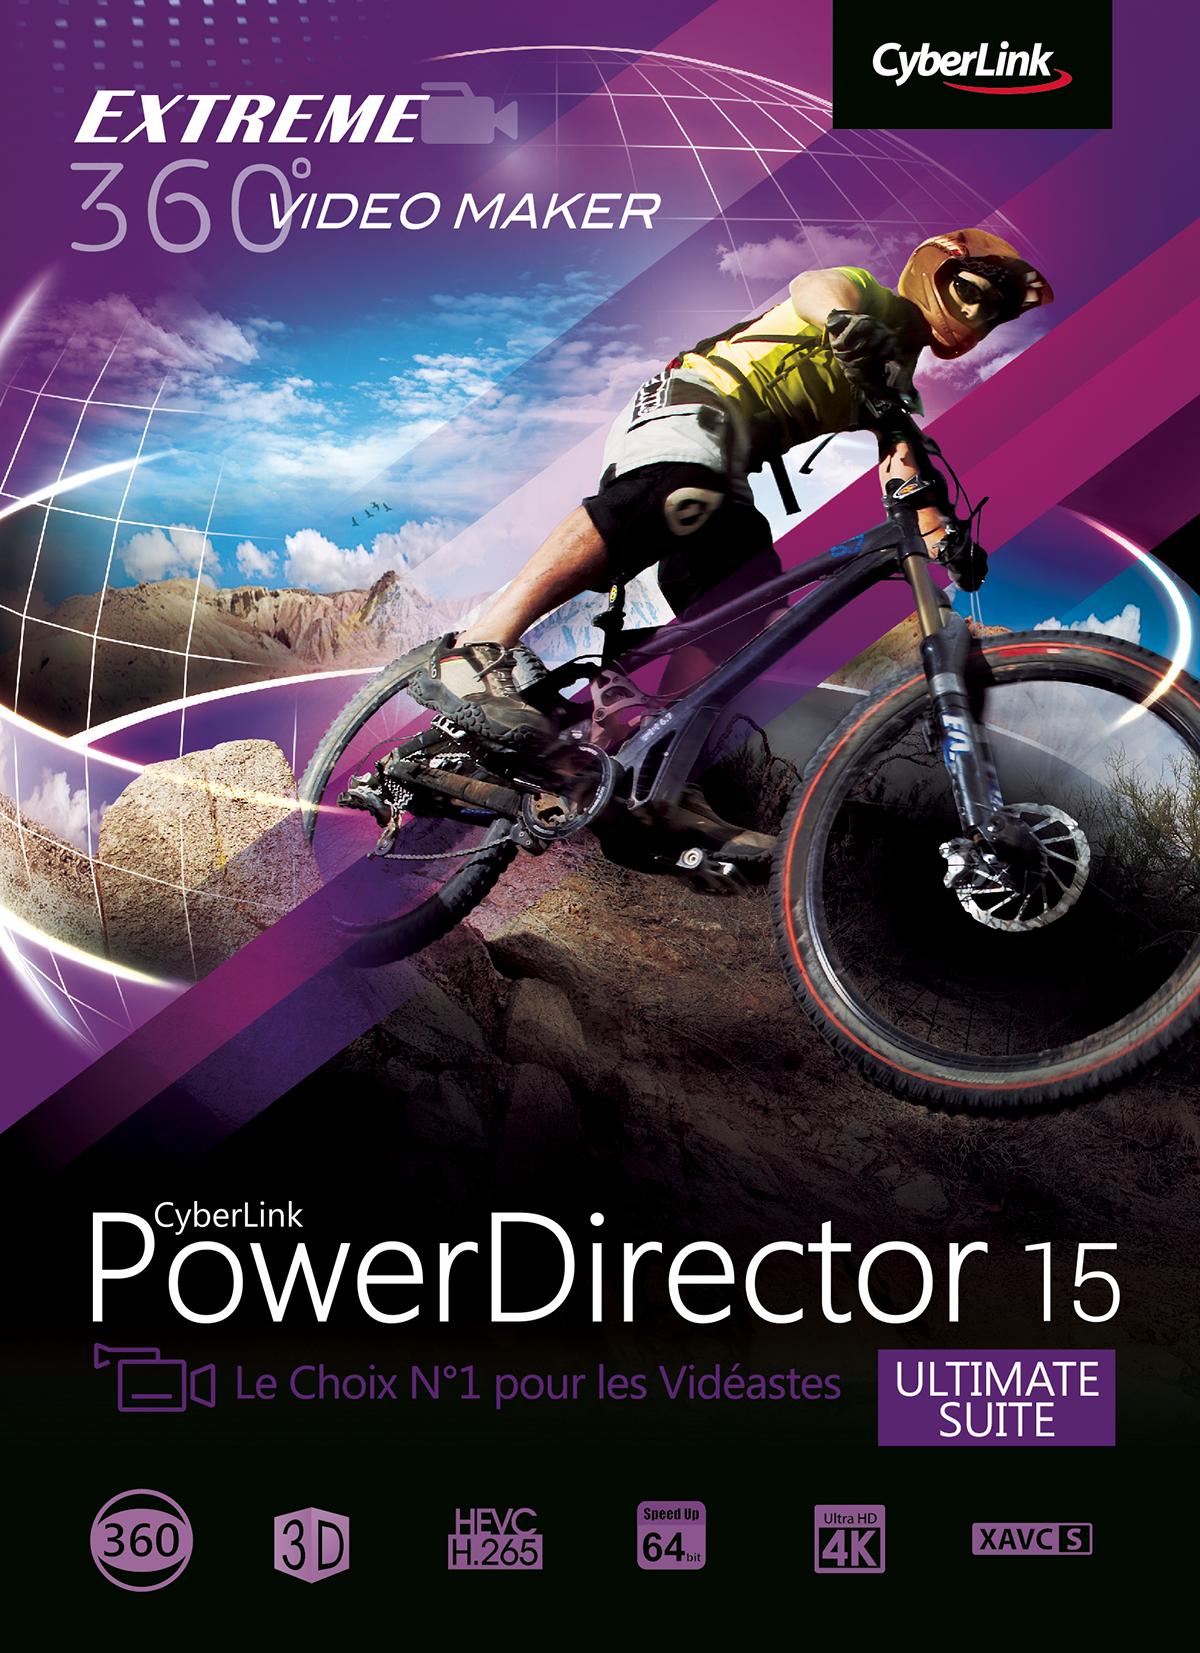 cyberlink-powerdirector-15-ultimate-suite-telechargement